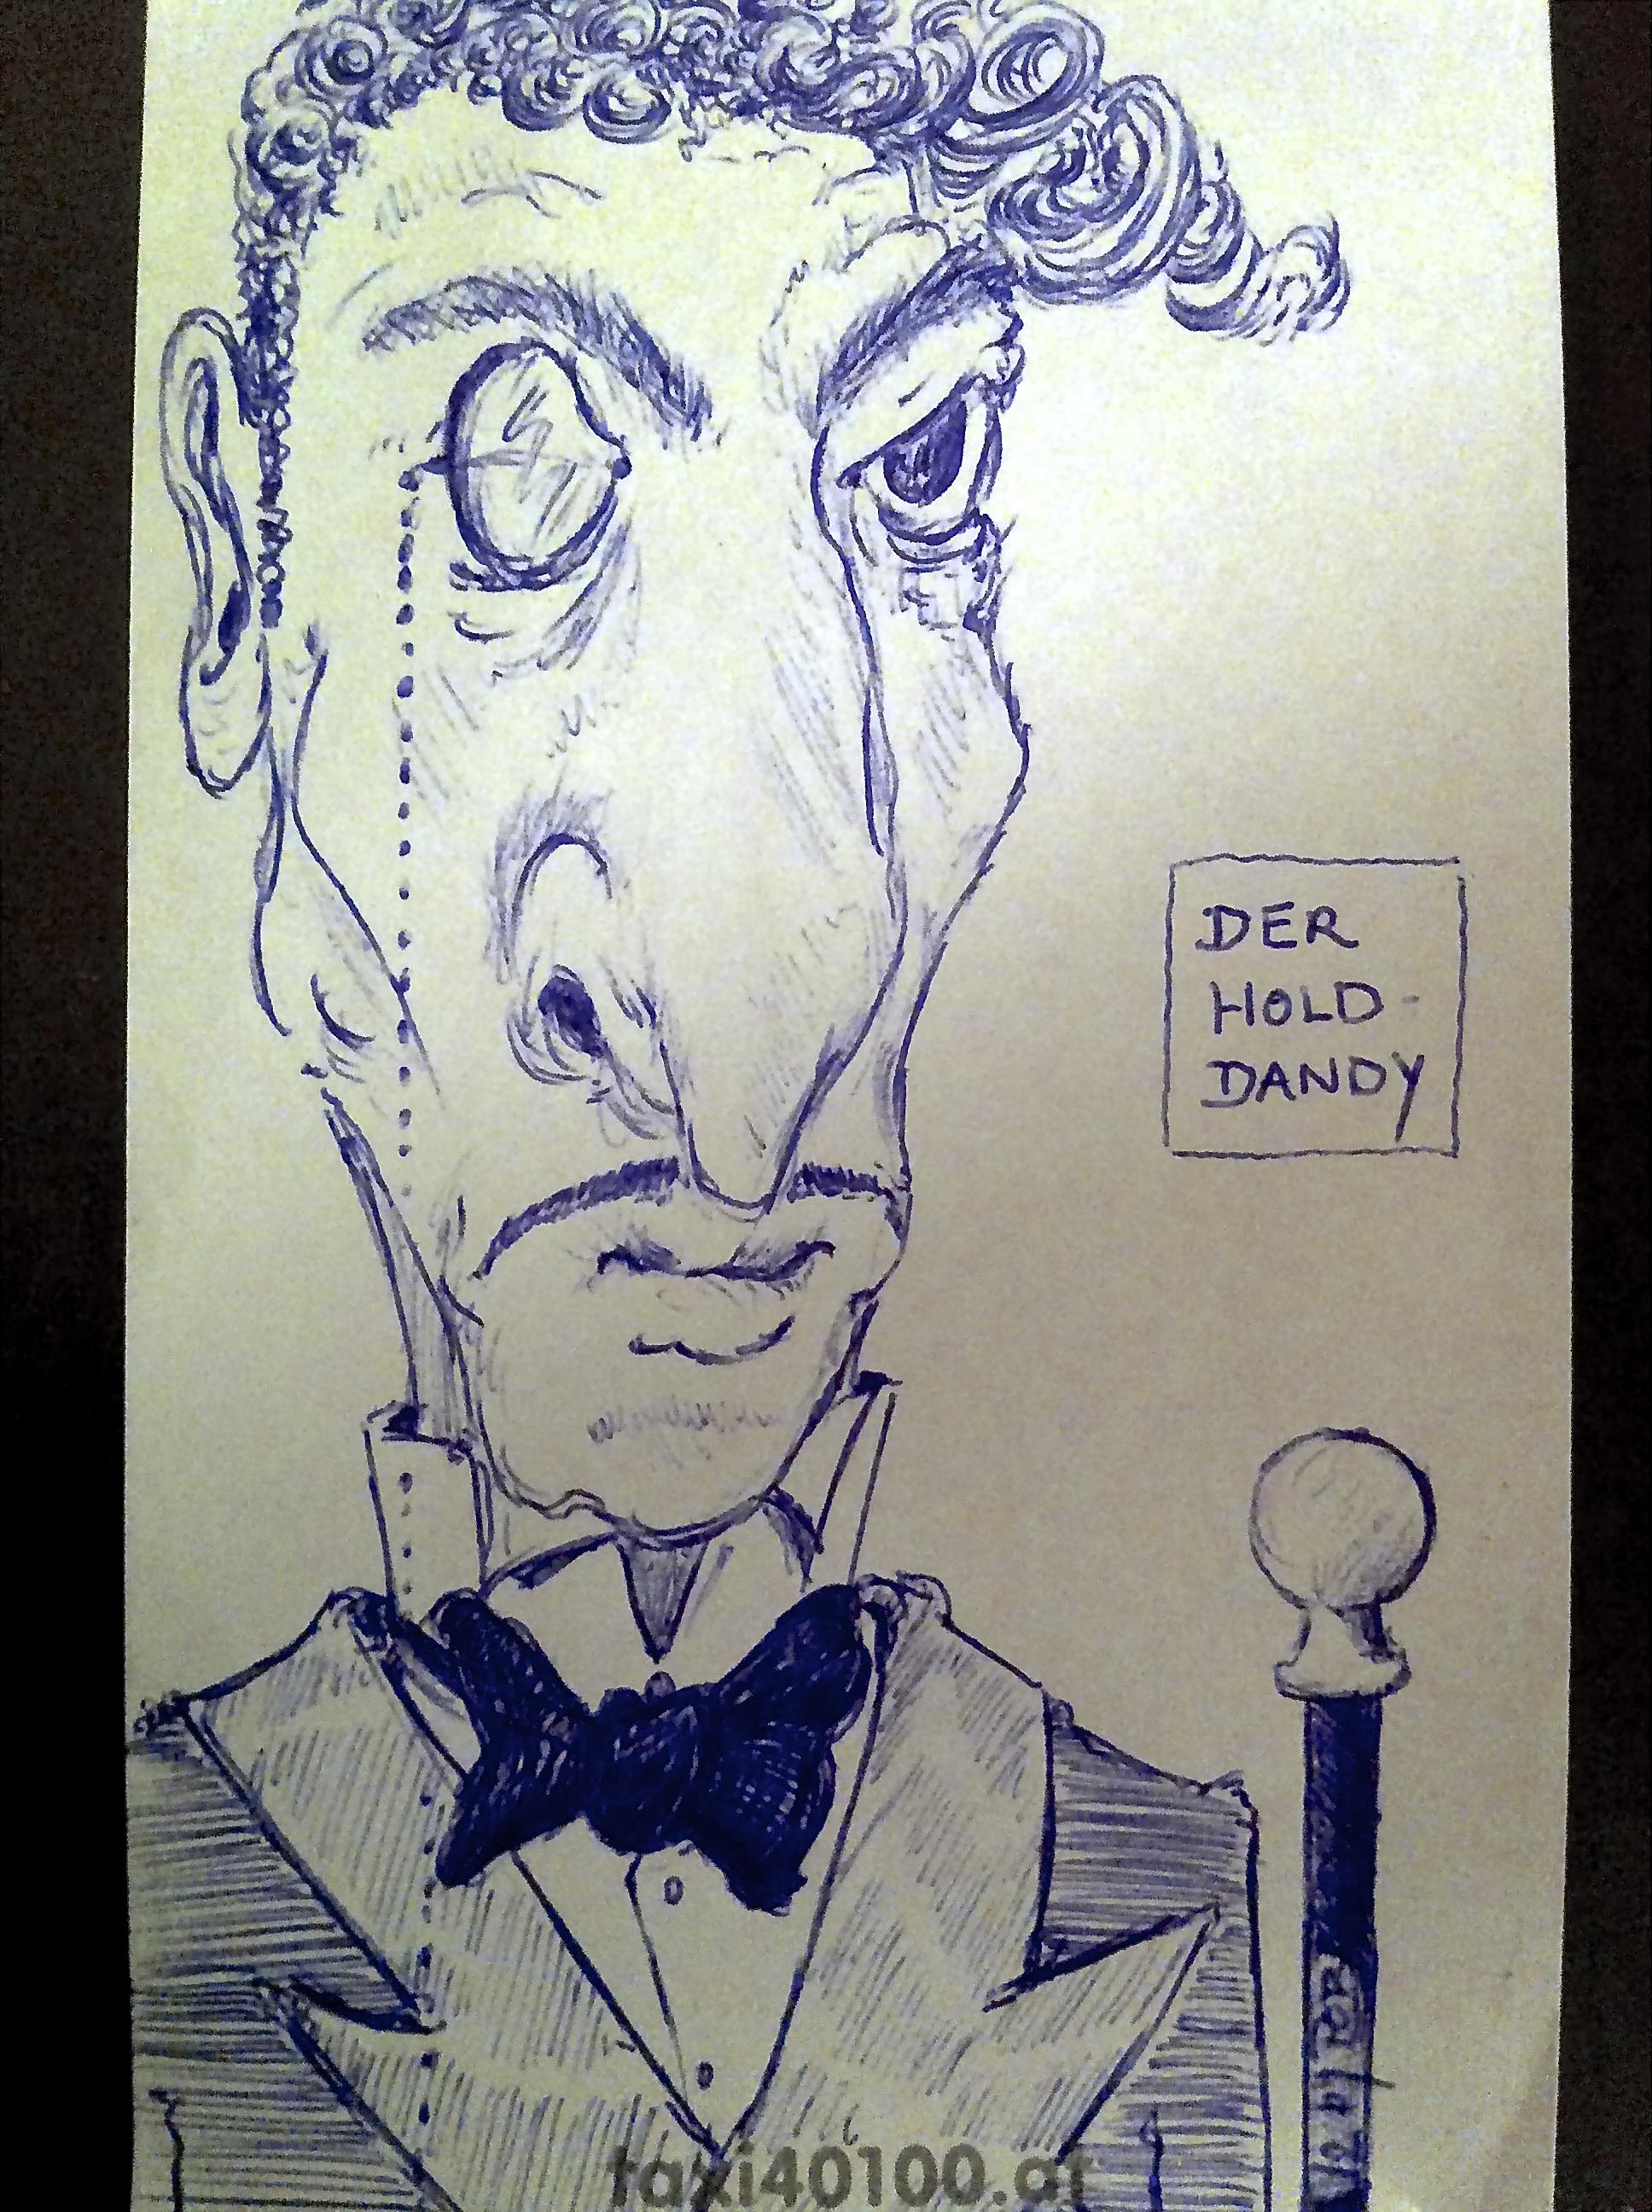 Der Hold-Dandy